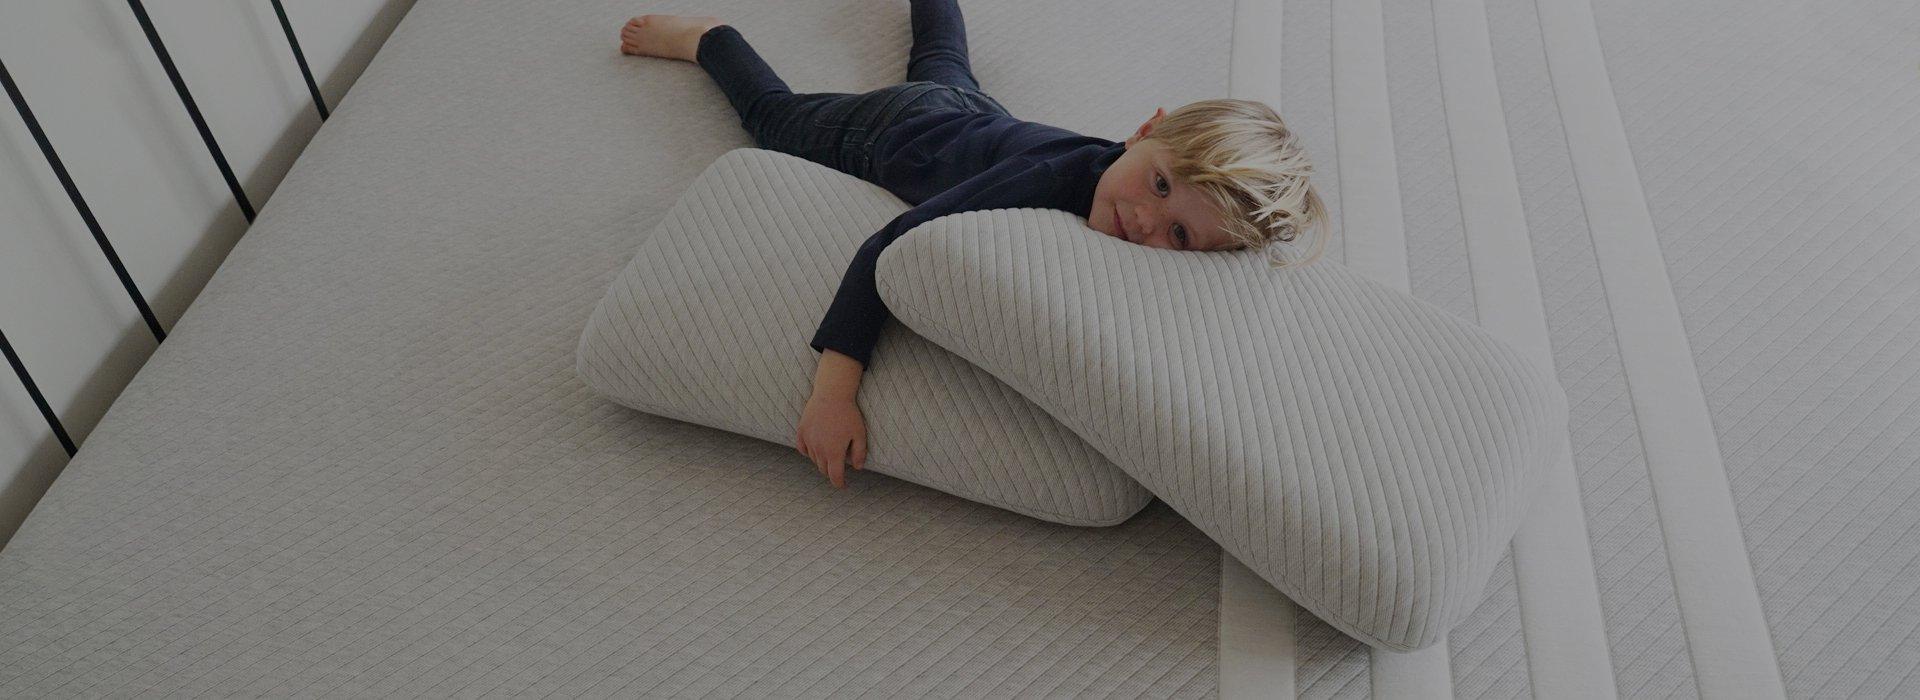 Leesa vs. Casper.  Boy on a Leesa mattress and pillows.